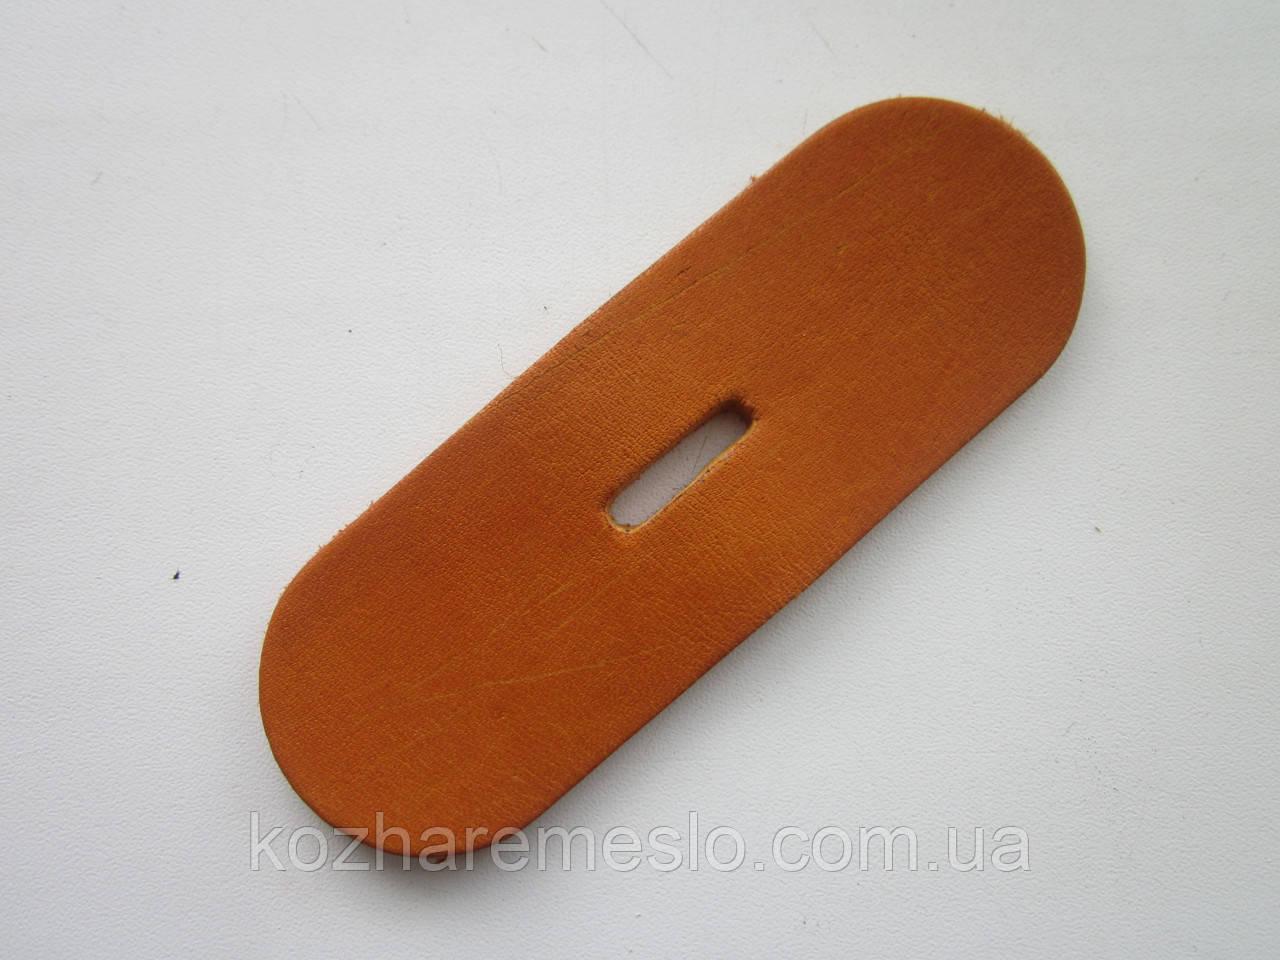 Запряжник из кожи хромового дубления без финишного покрытия (краст) 35 мм, толщина 3.5 мм (УКРАИНА)